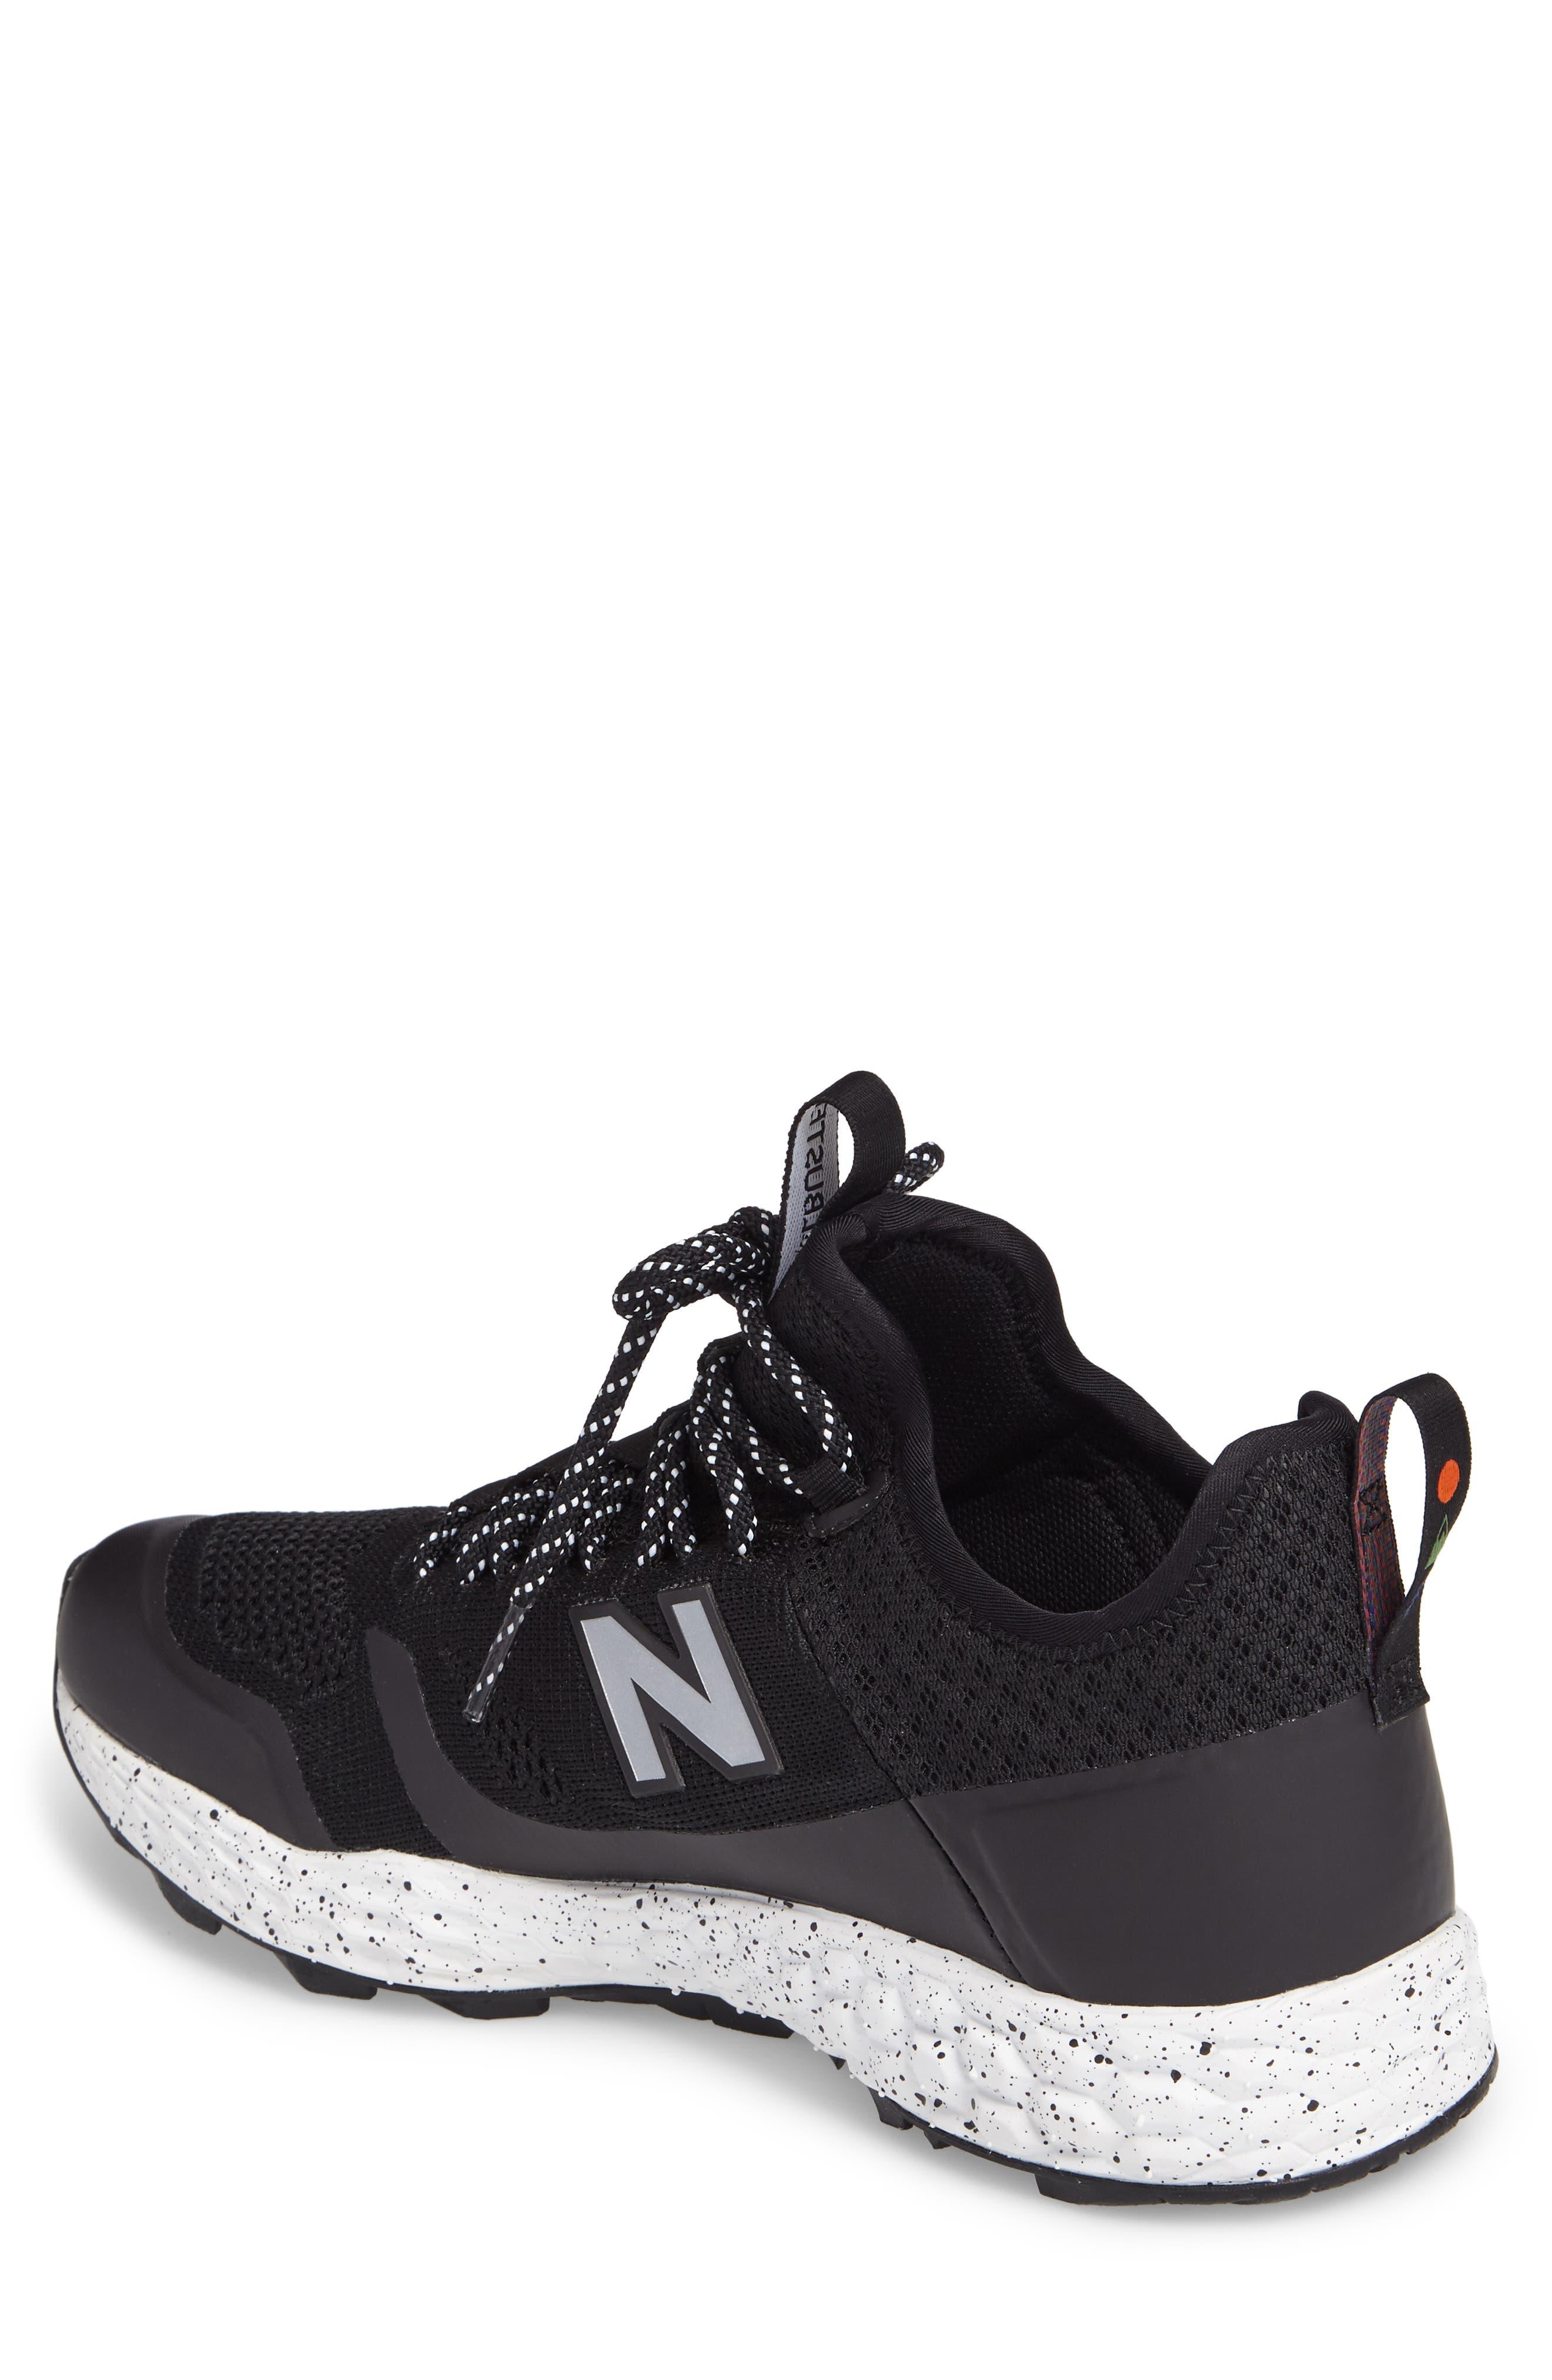 Alternate Image 2  - New Balance Fresh Foam Trailbuster Sneaker (Men)